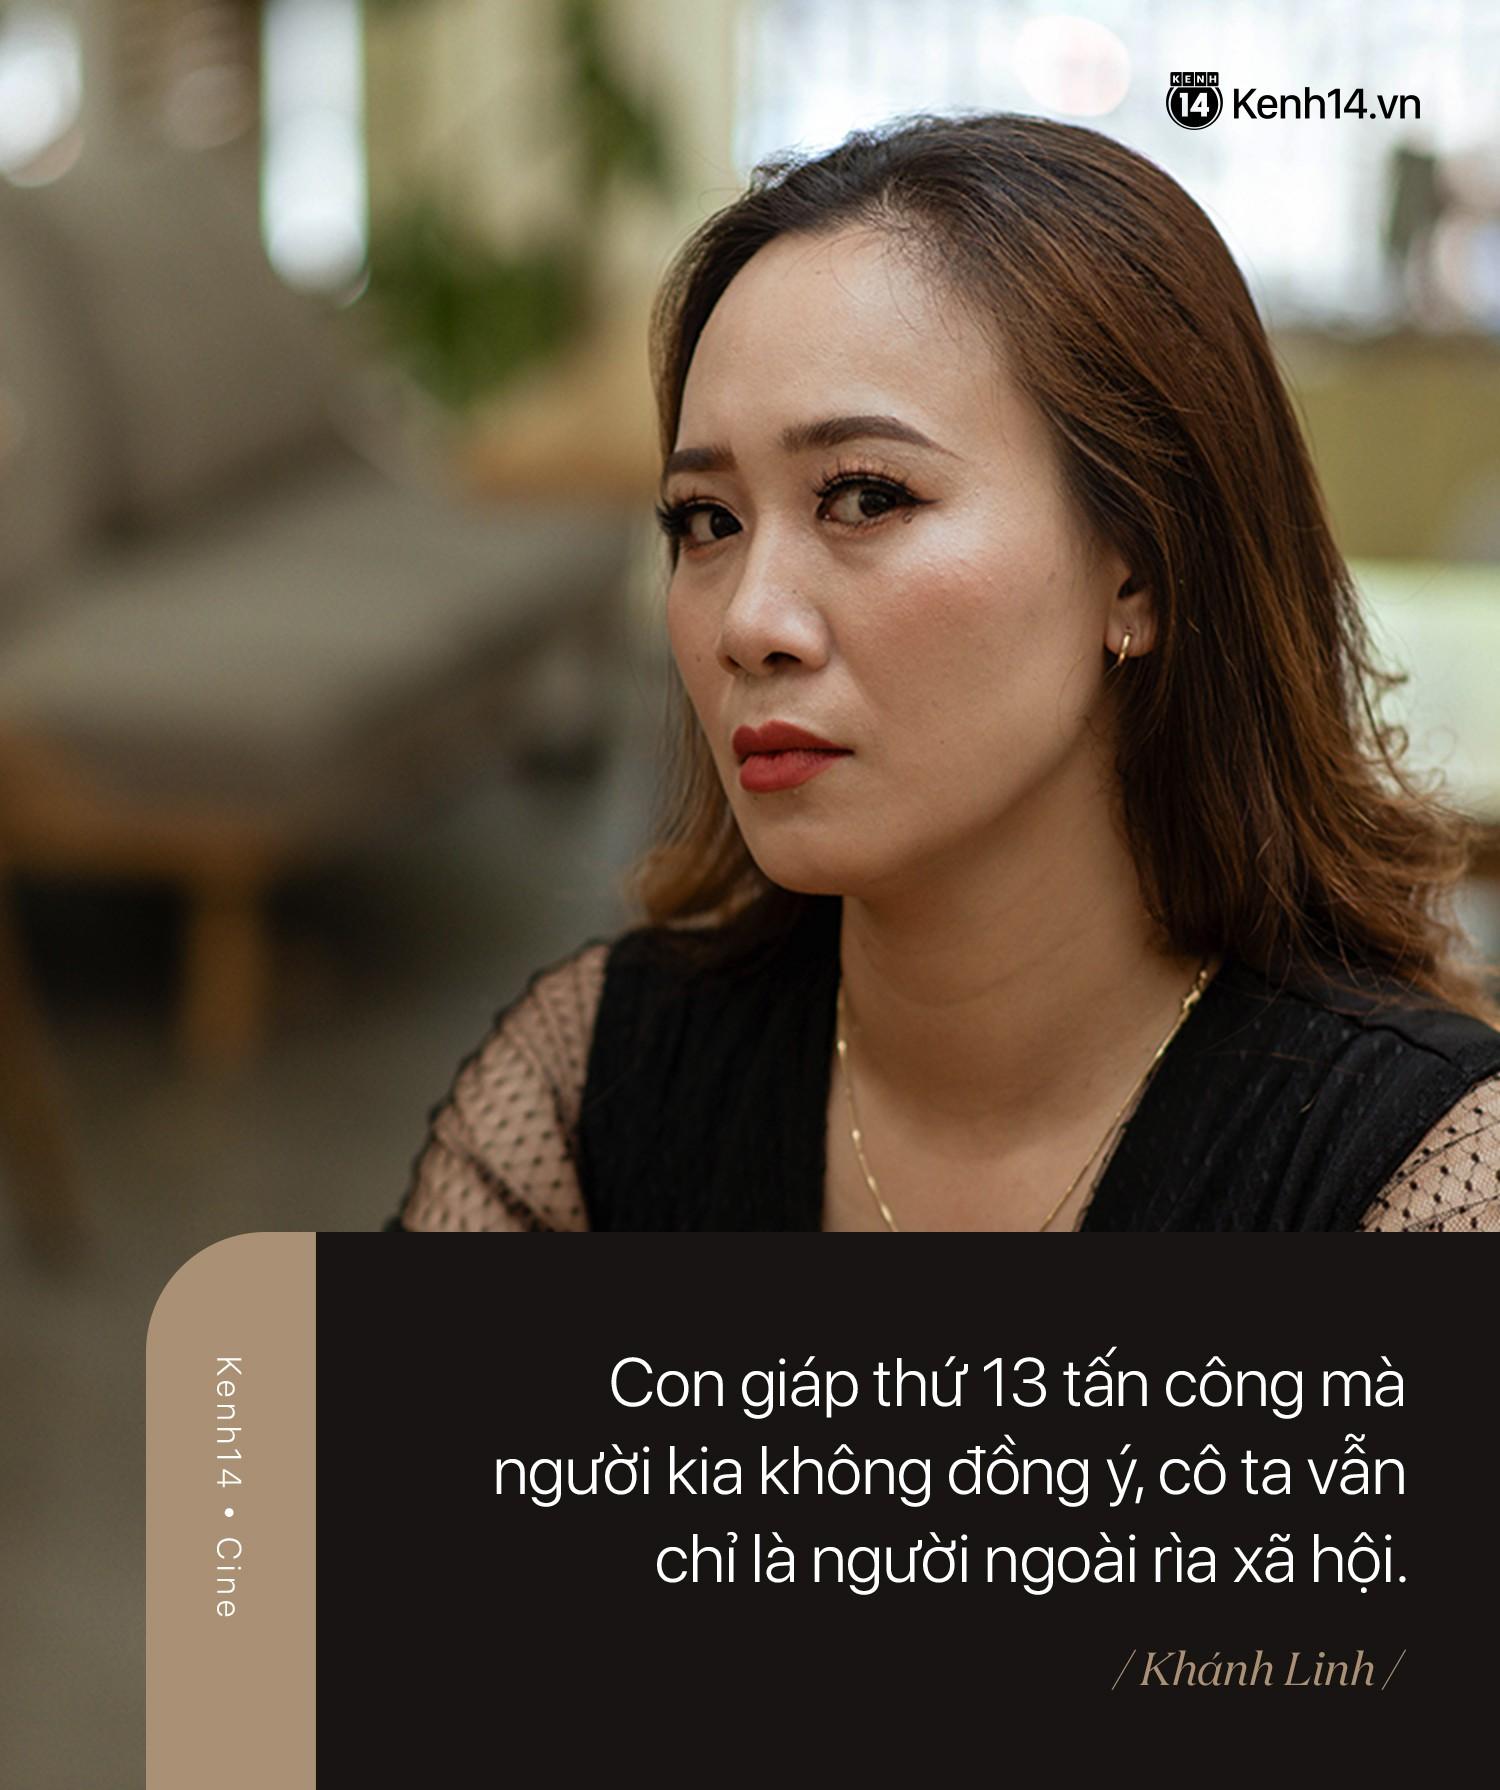 Cô bạn thân ai cũng muốn có trong đời - Linh (Về nhà đi con): Không có tình thì phải có tiền, sống thực tế để khỏi chơi vơi! - Ảnh 11.